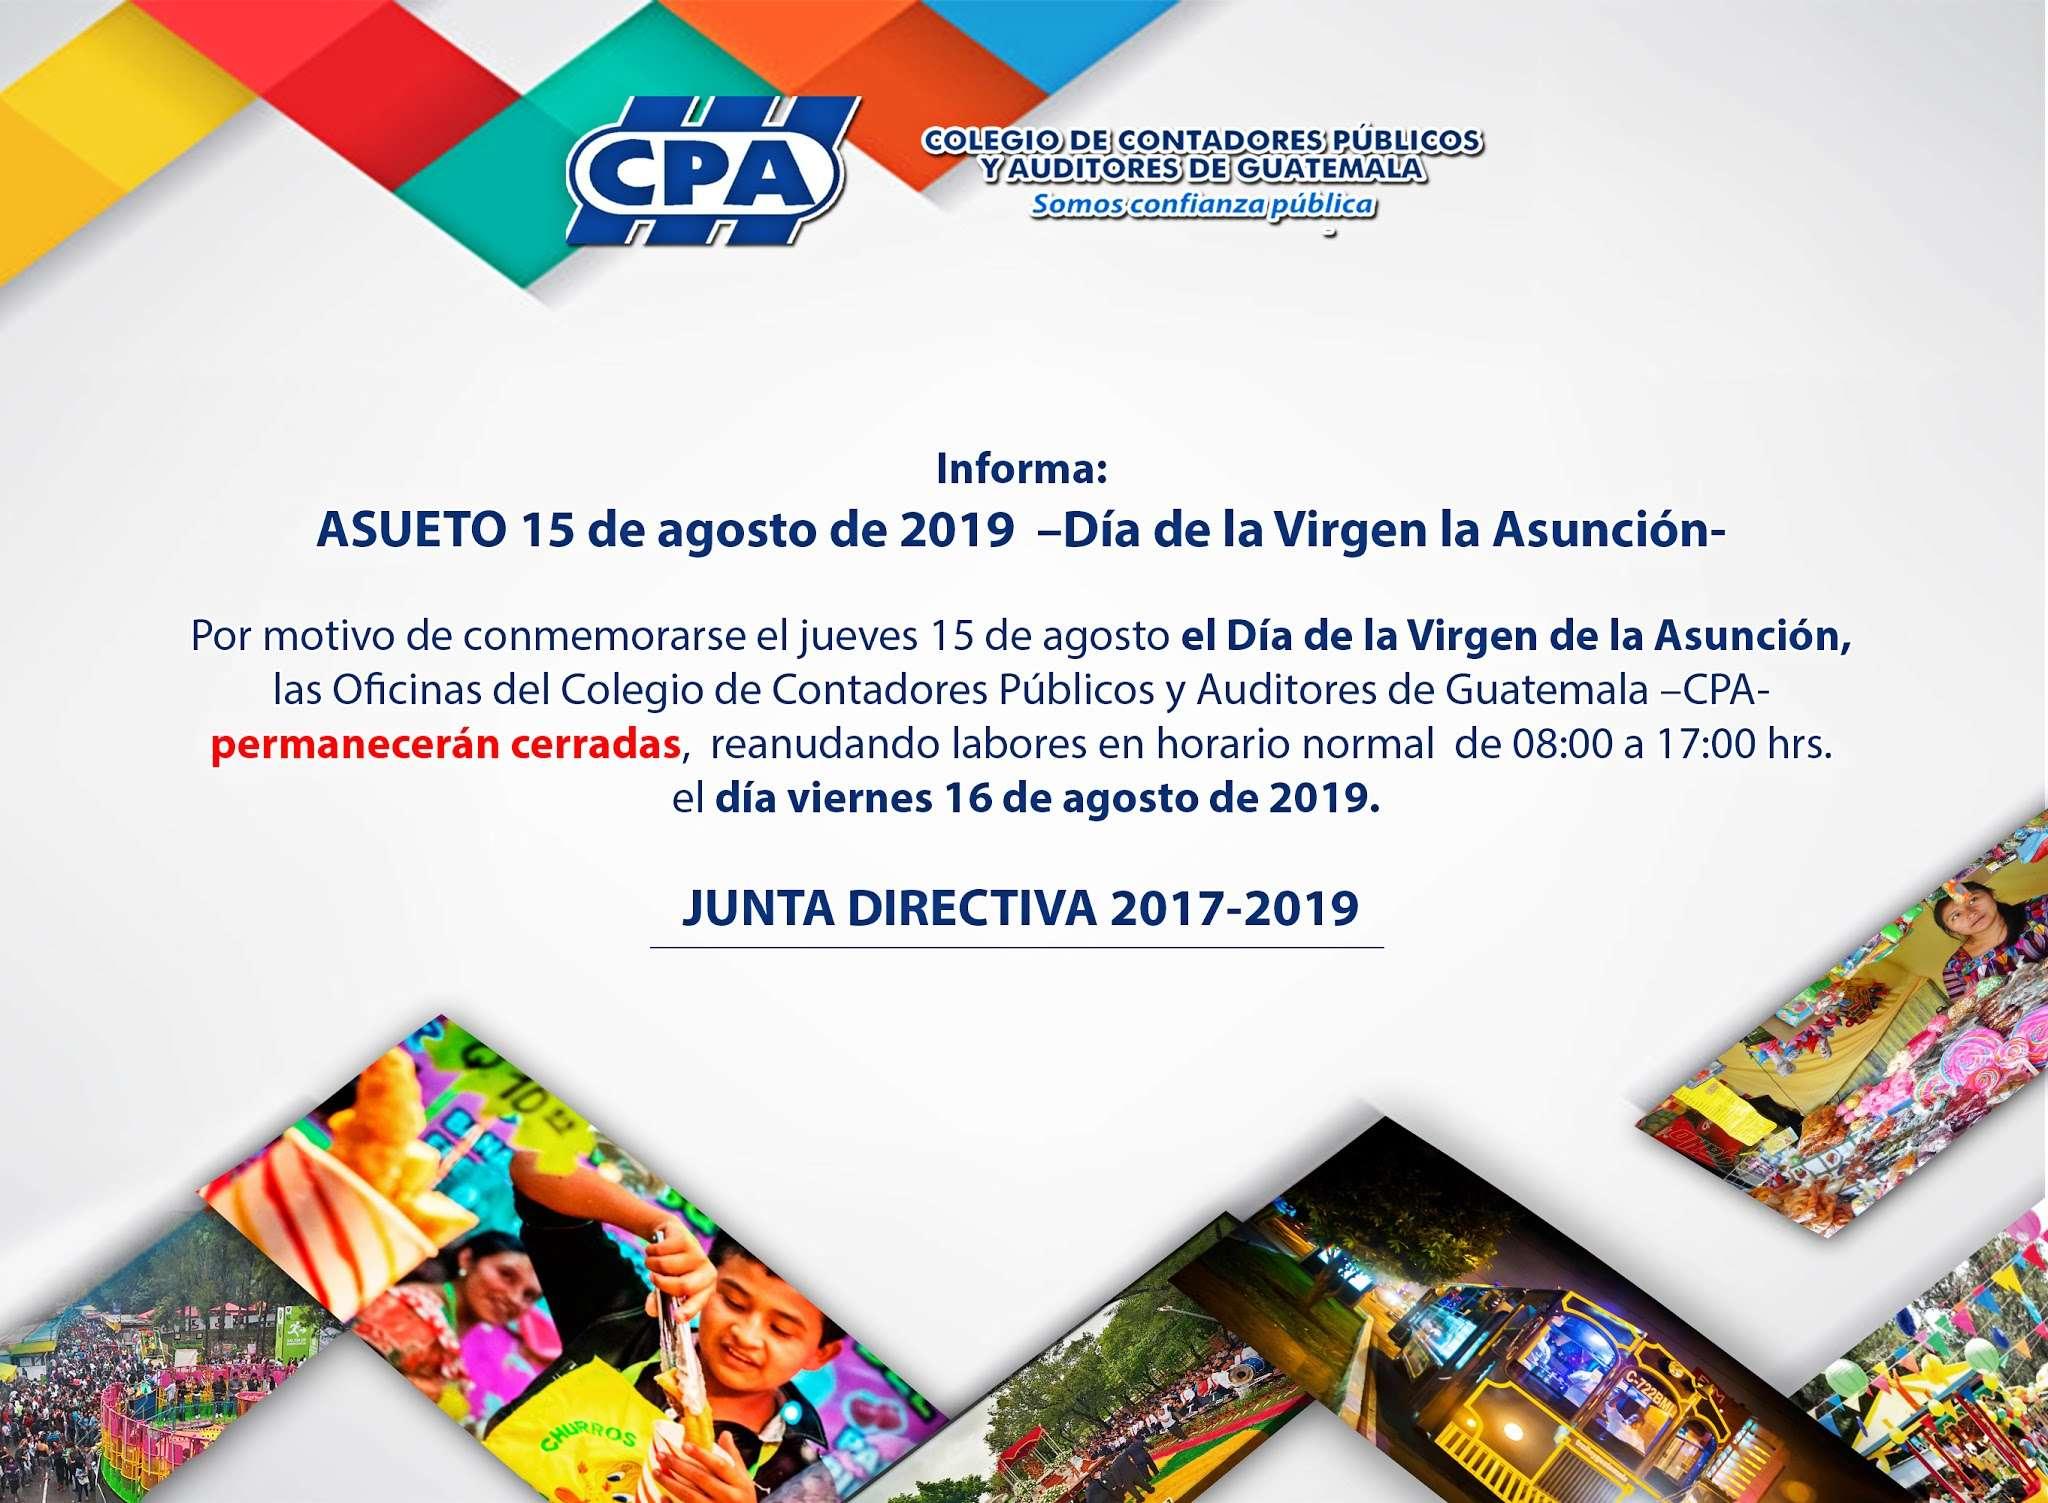 Asueto 15 de agosto de 2019 – Día de la Virgen de la Asunción